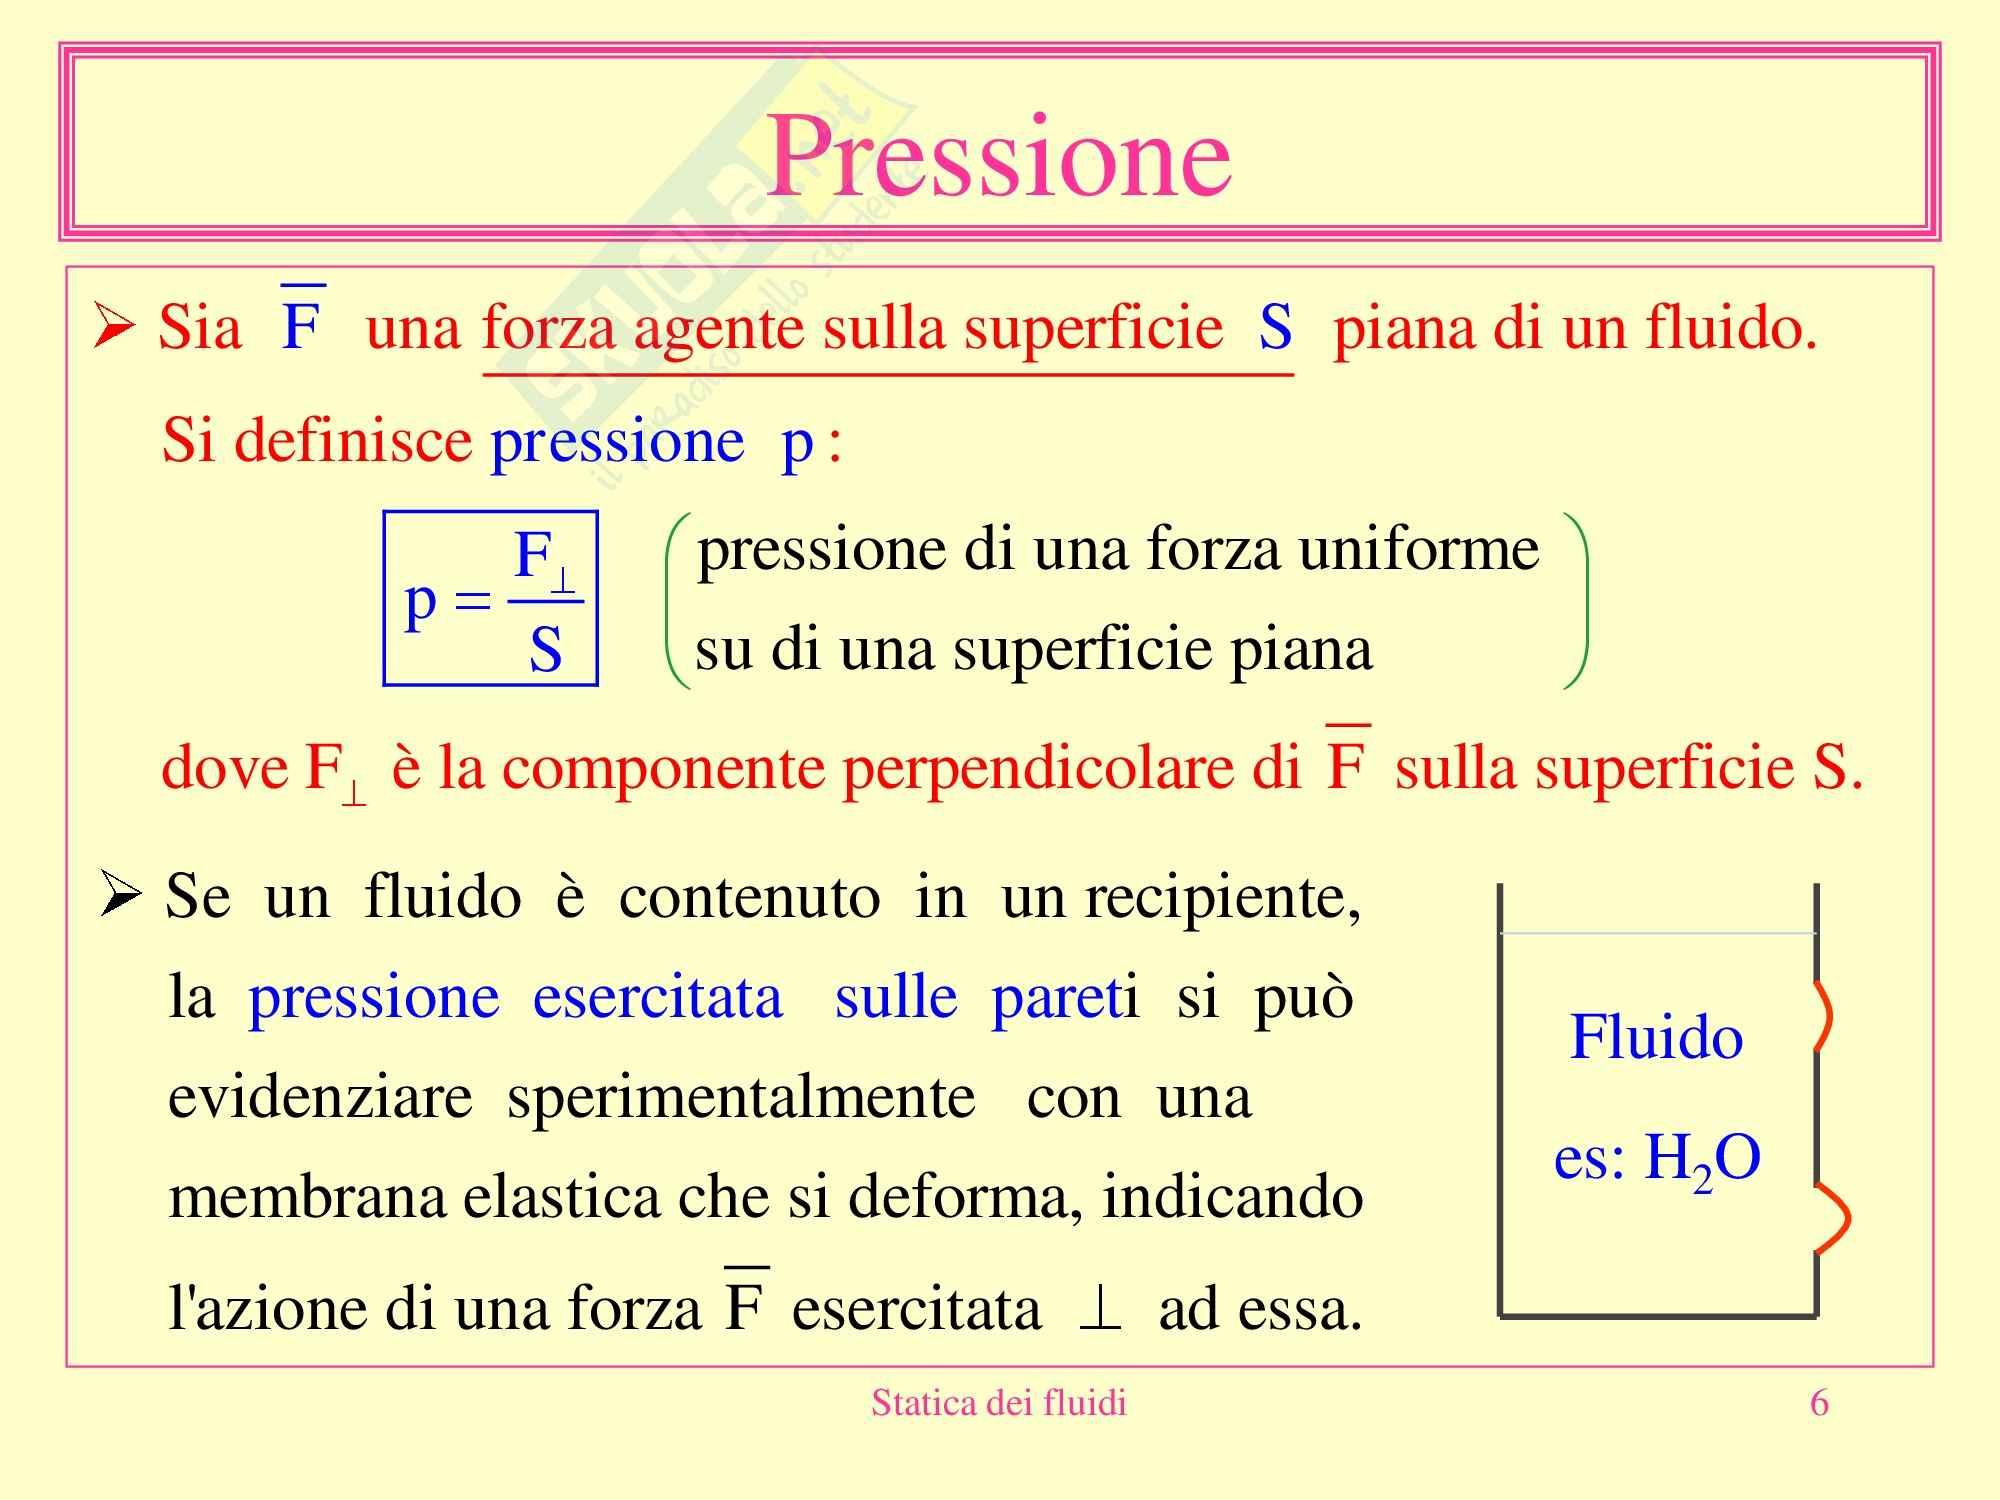 Fisica medica - statica dei fluidi Pag. 6